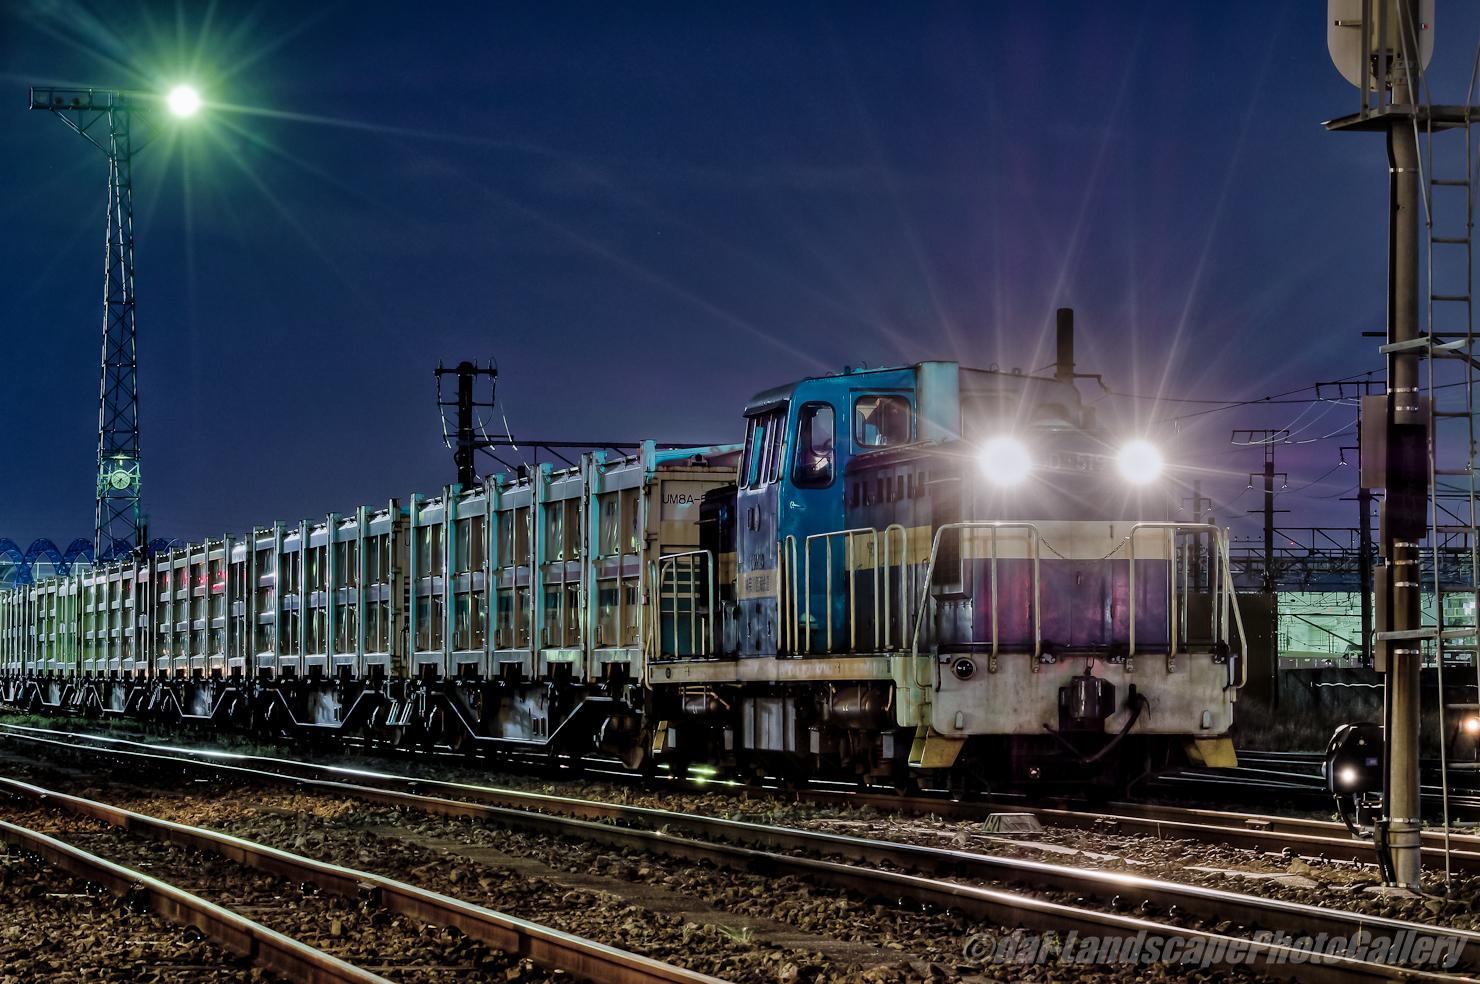 神奈川臨海鉄道川崎貨物駅夜景【HDRi】